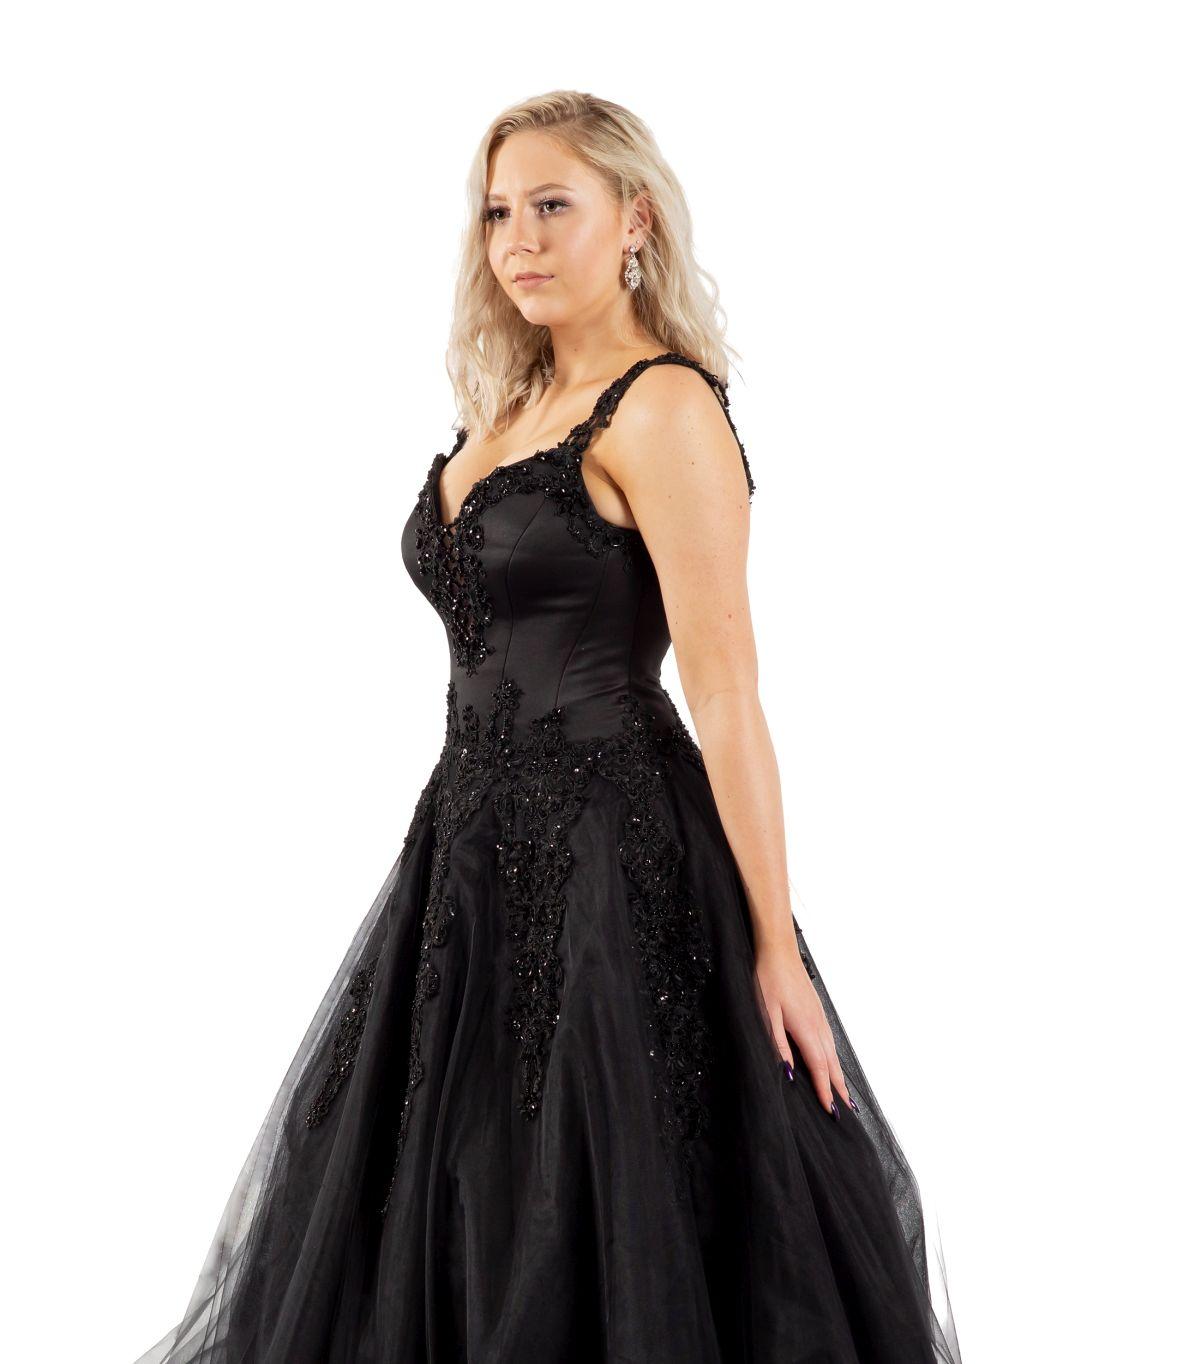 Sissy schwarzes Brautkleid detailansicht